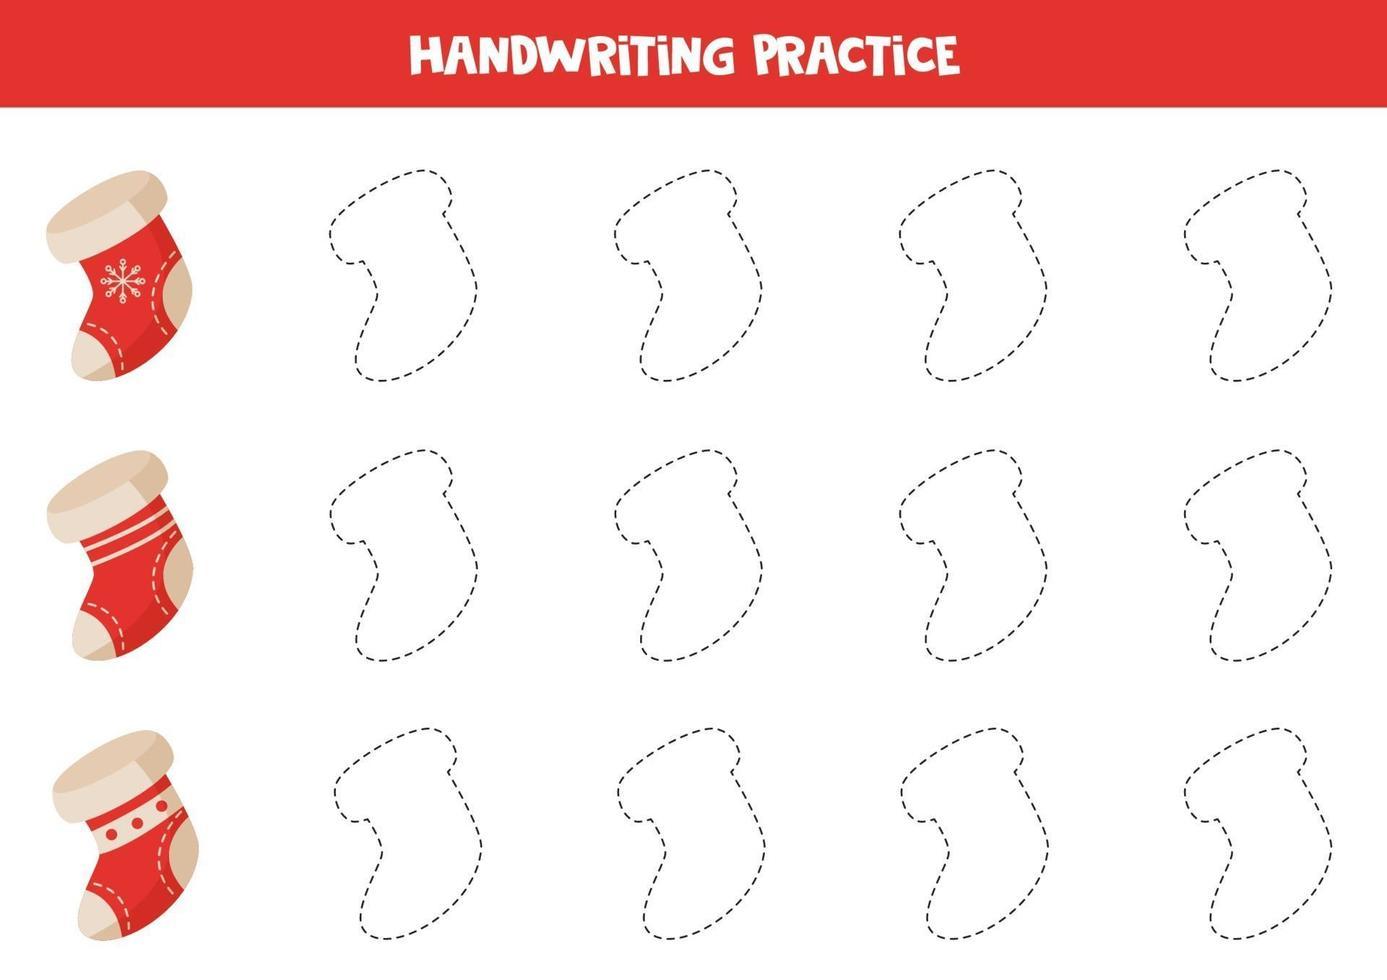 contouren traceren met kerstsokken. handschrift praktijk. vector